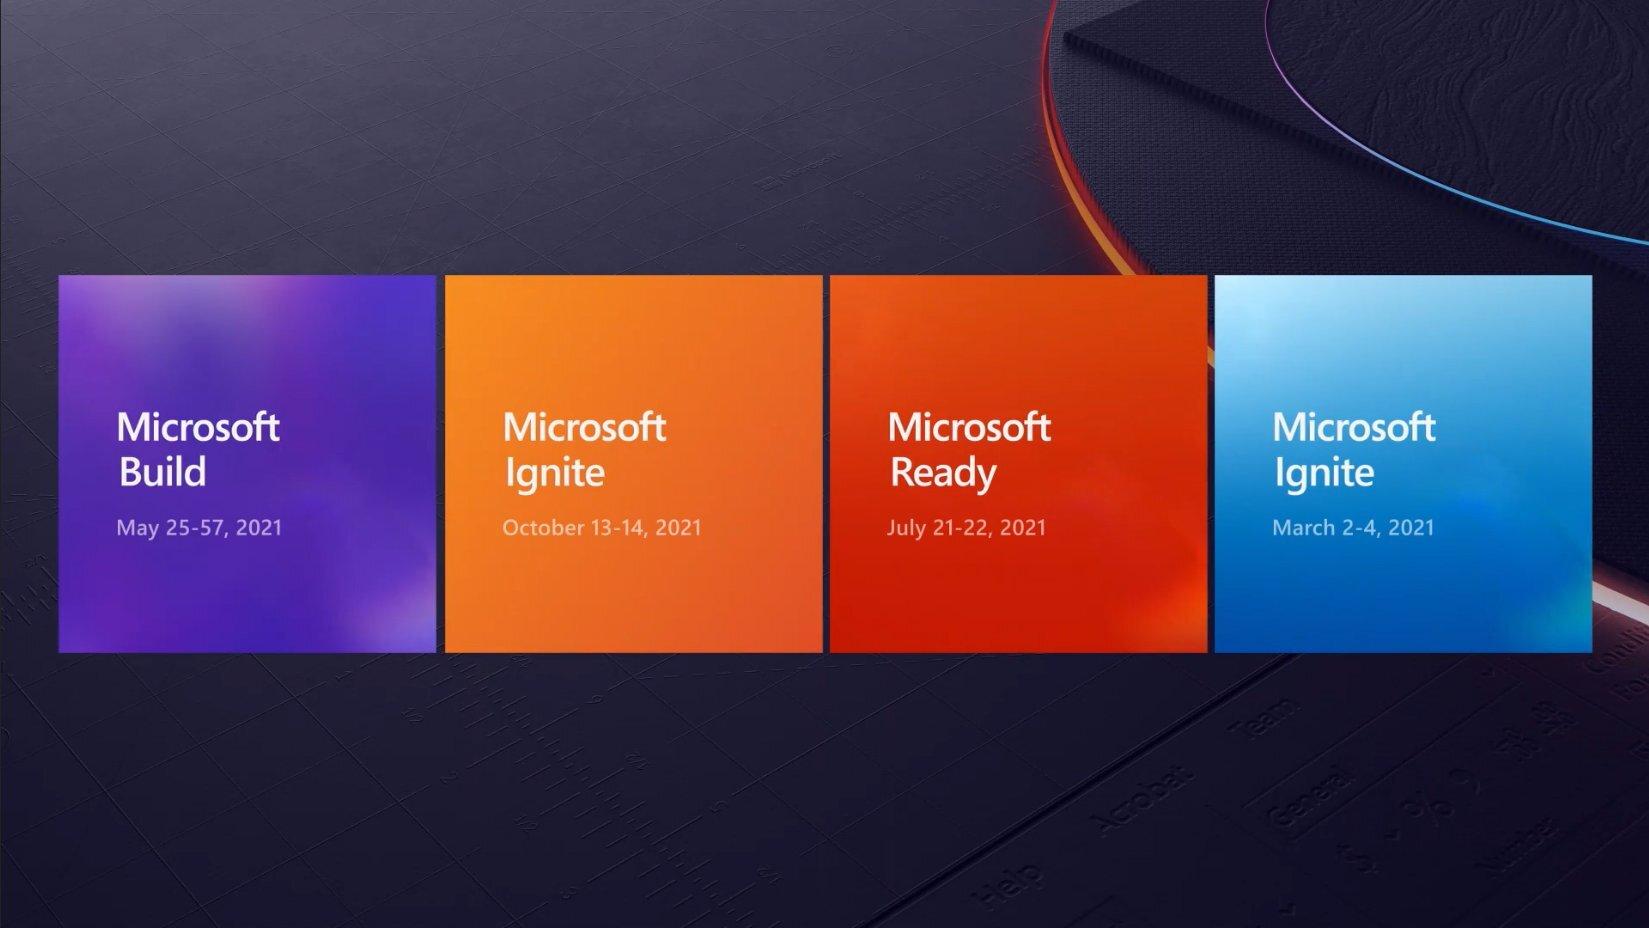 Fechas de todos los eventos de Microsoft en 2021